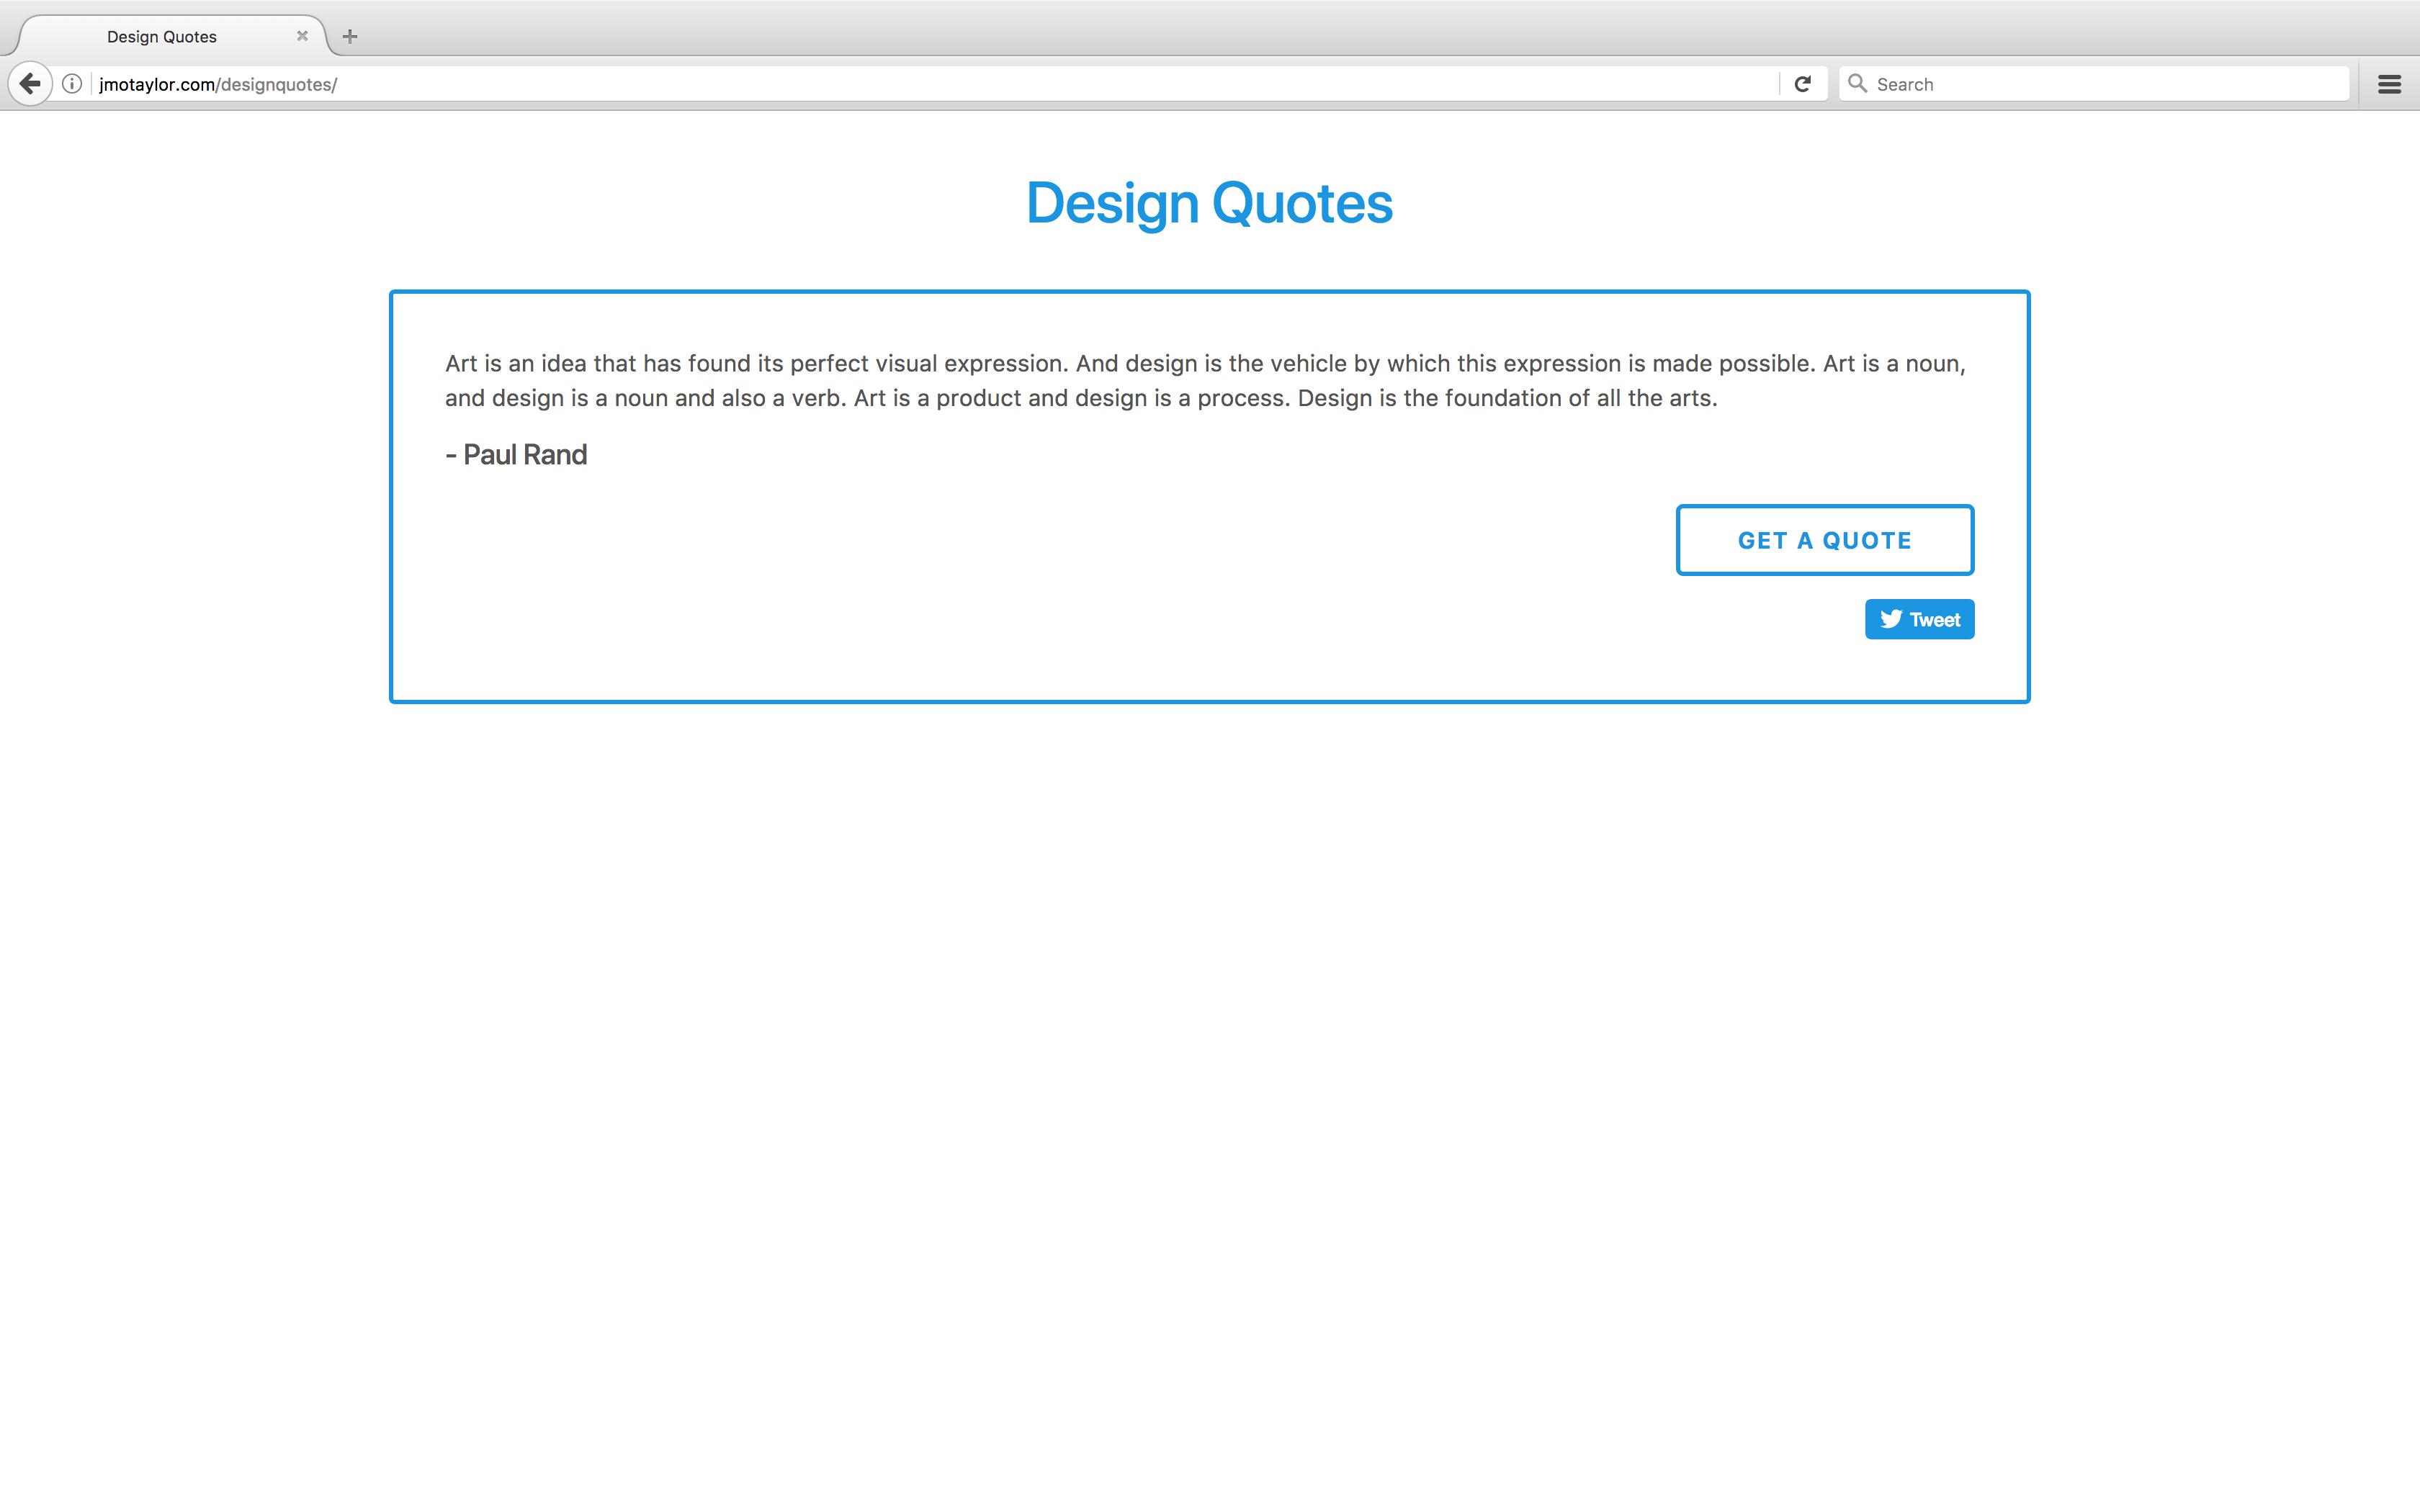 Design Quotes website picture